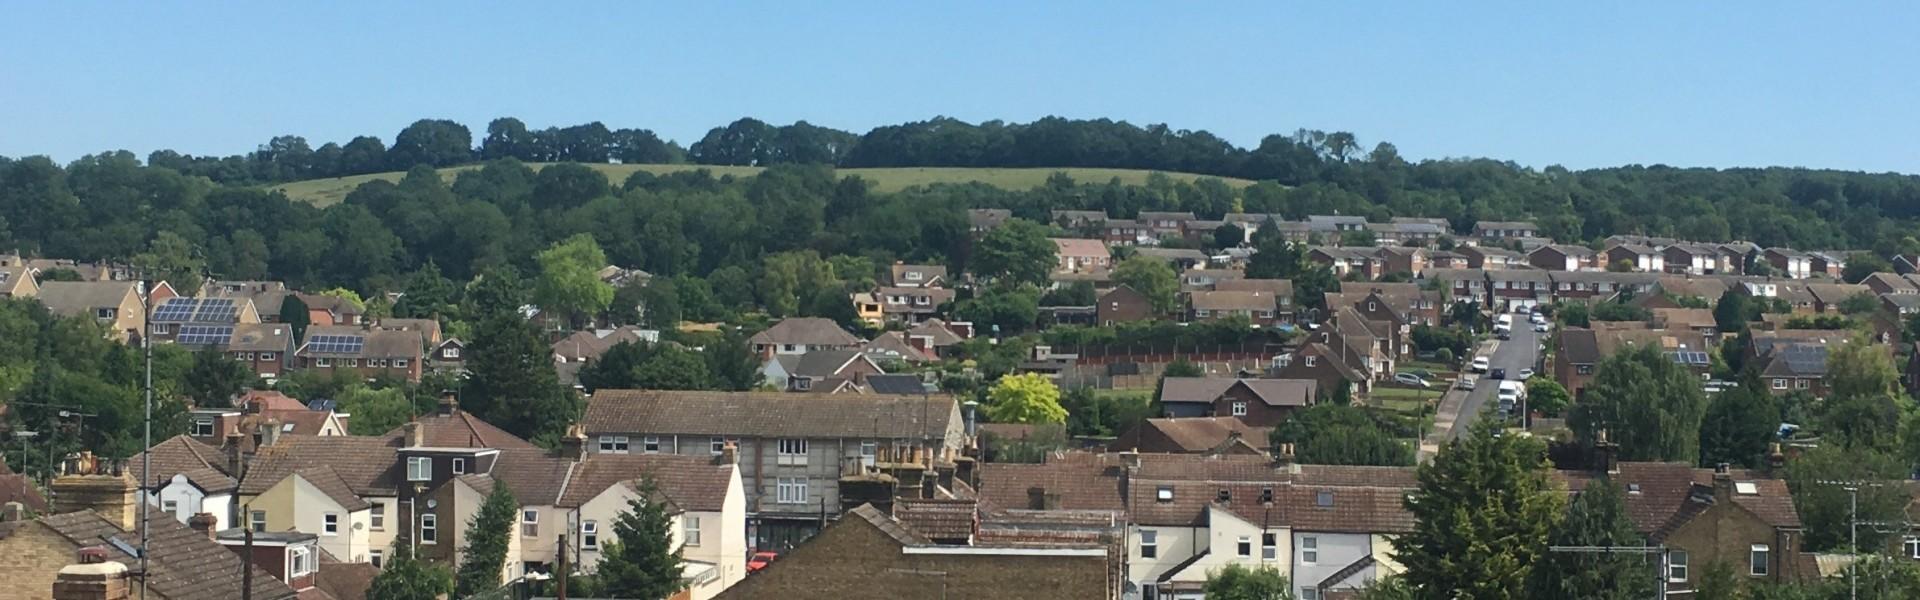 Landscape view of Cuxton